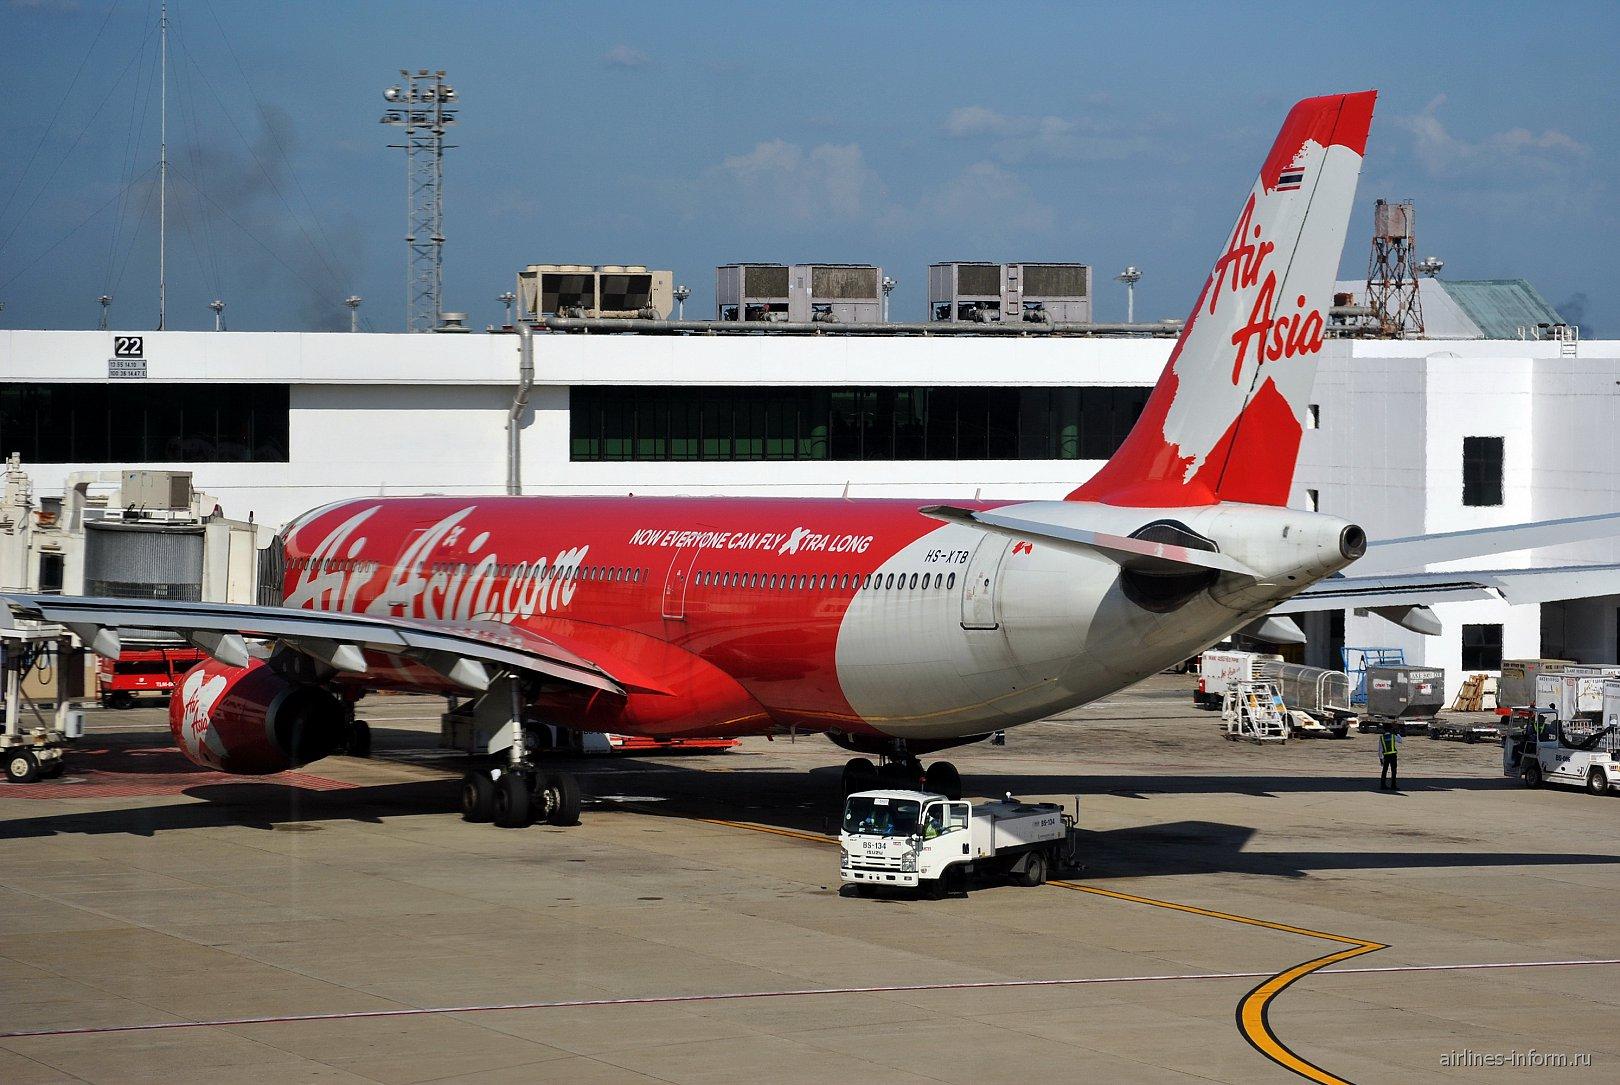 Airbus A330-300 ������������ AirAsia X � ��������� ������� ��� �����